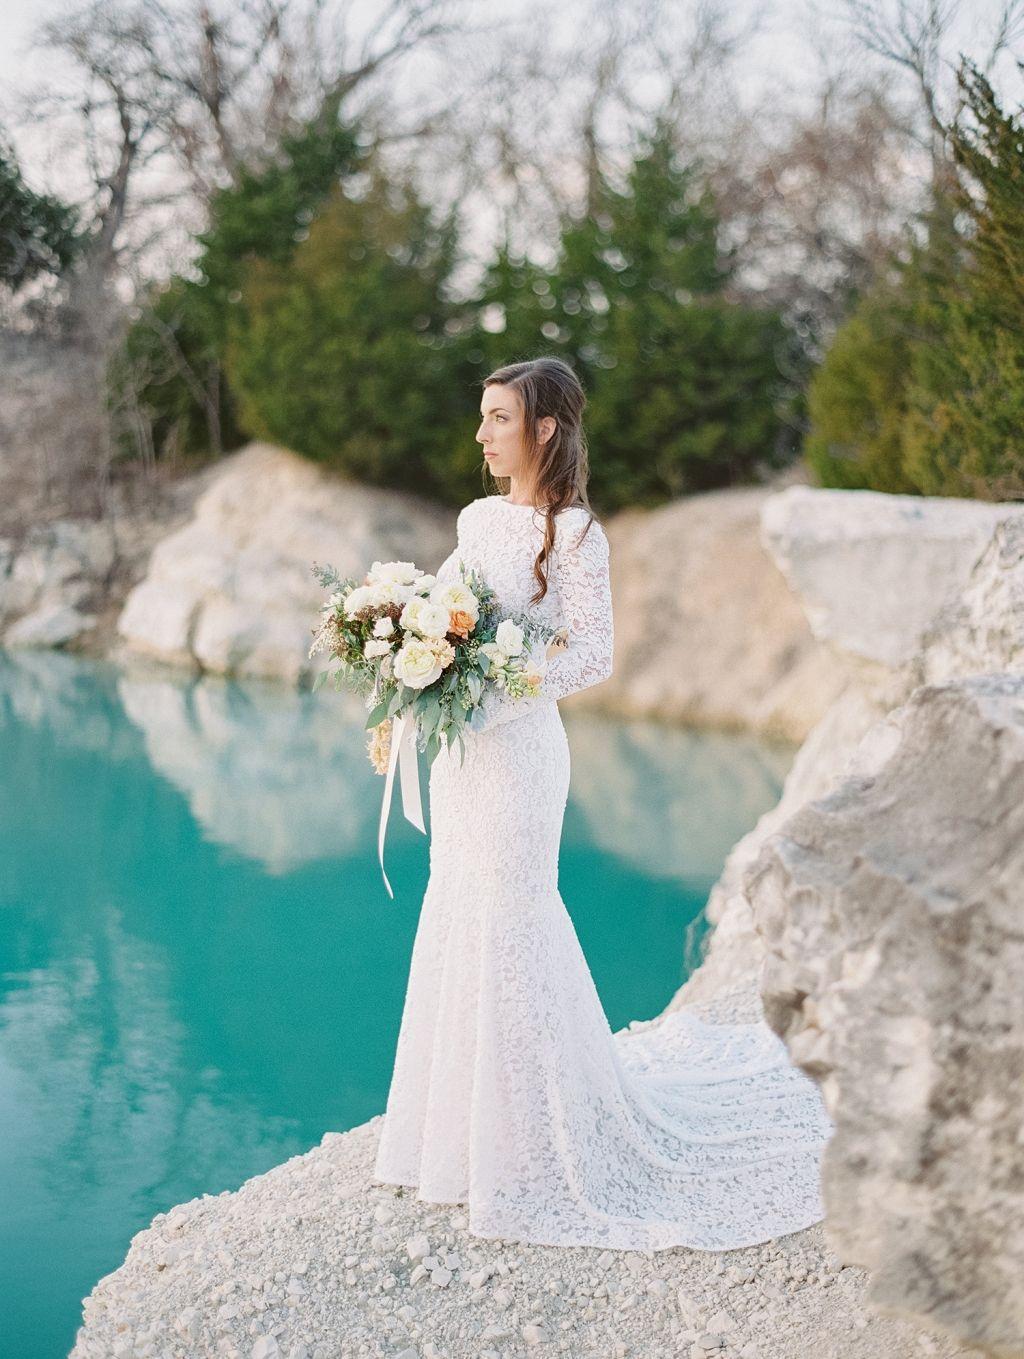 Stunning bridal portraits at a Rock Quarry via Magnolia Rouge | V de ...